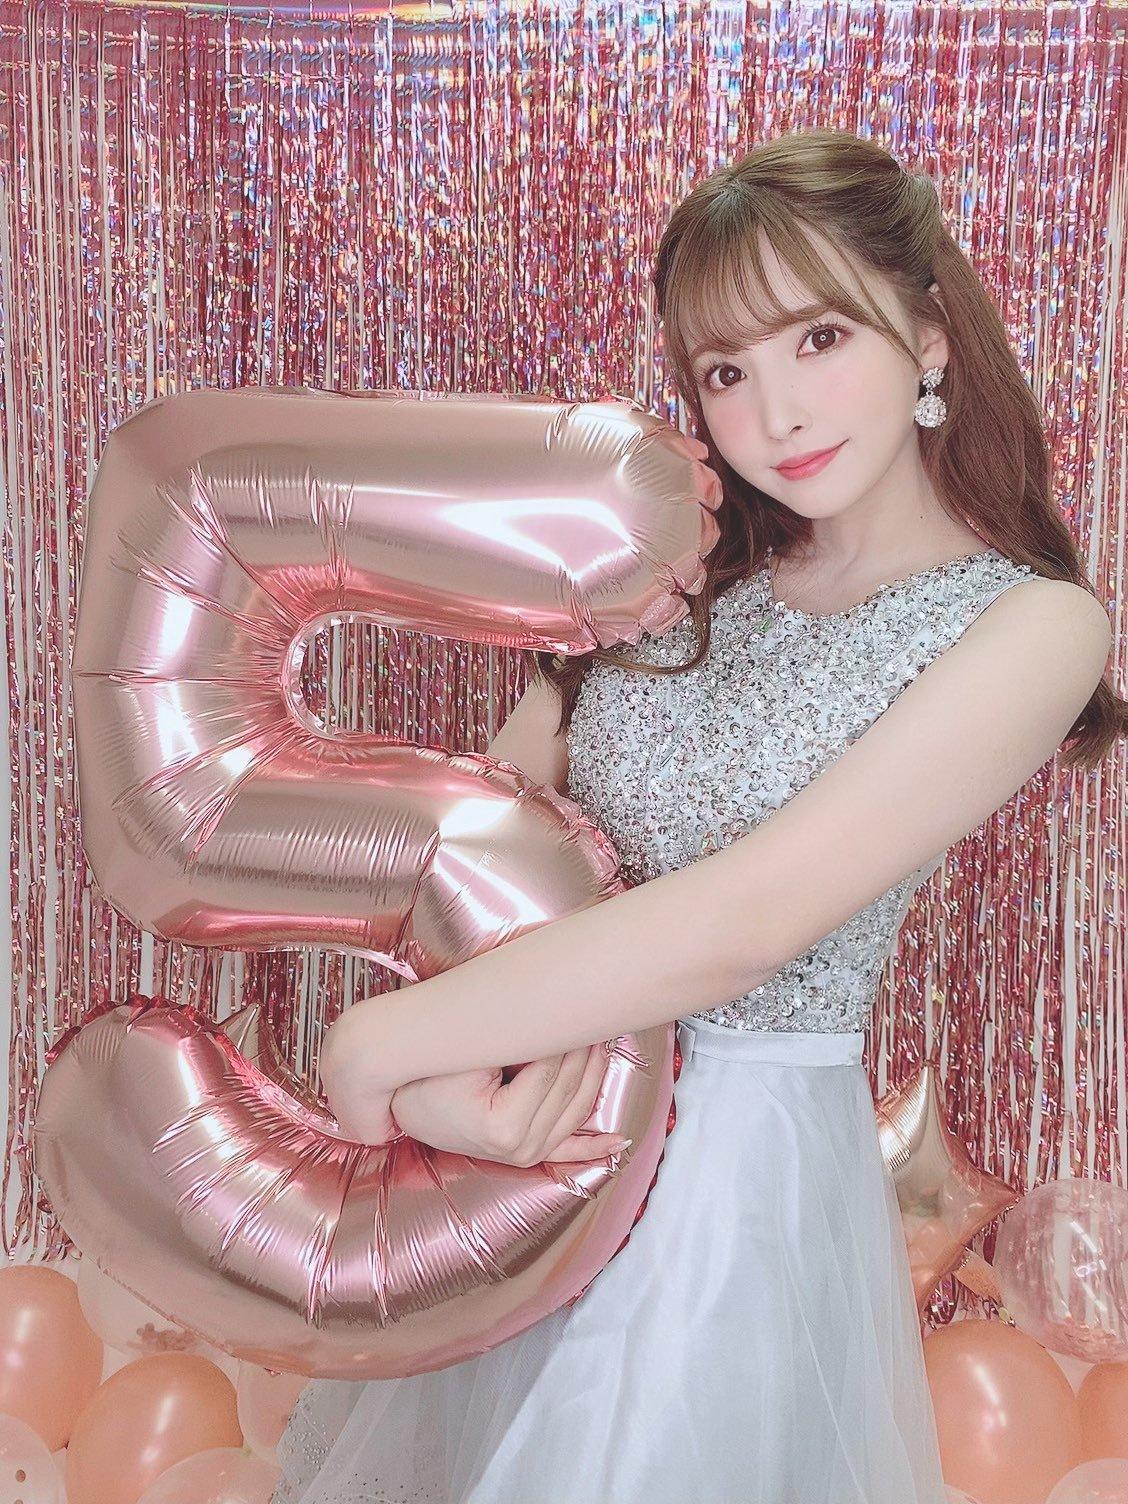 yua_mikami 1267108809060696065_p1